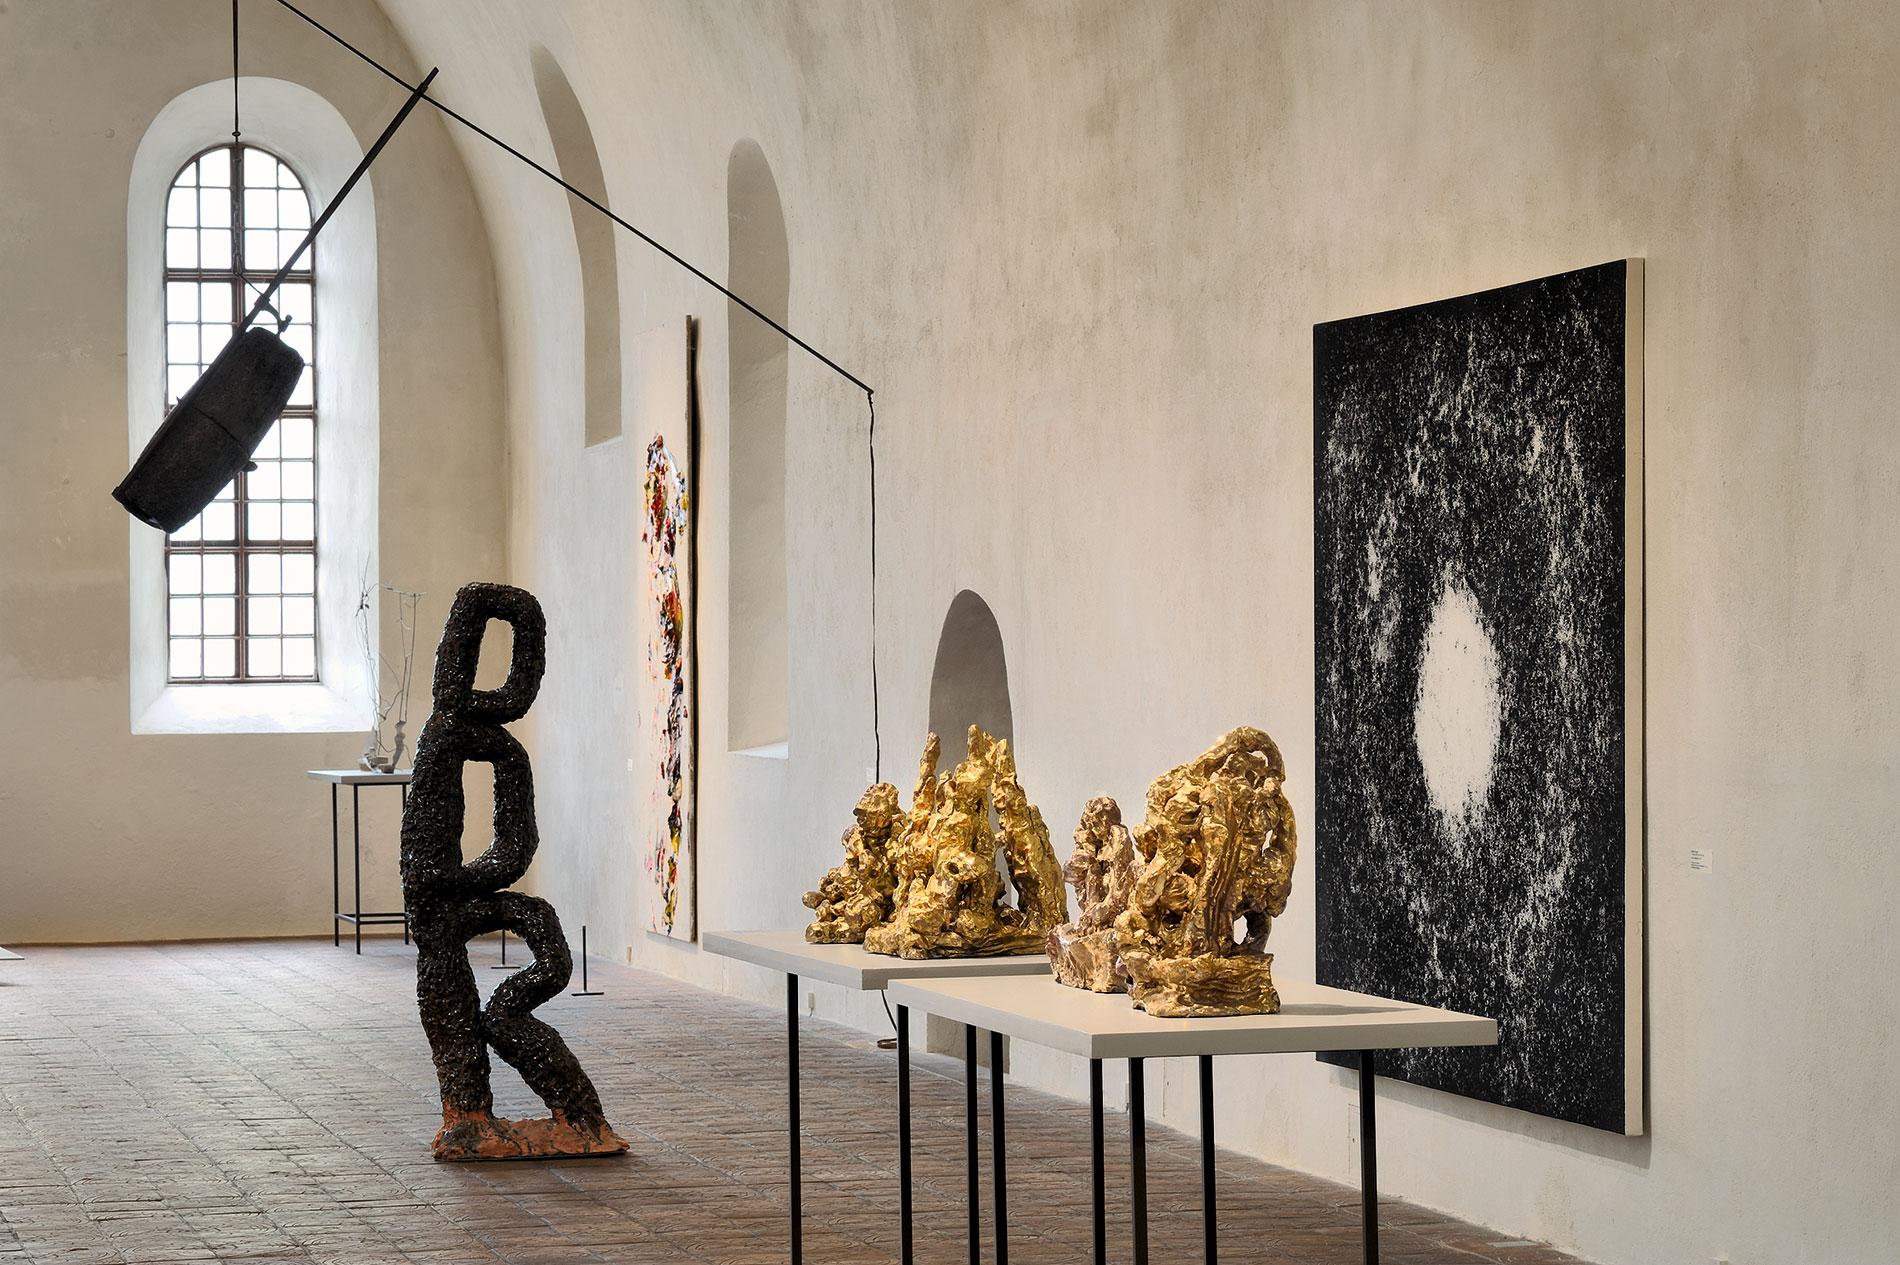 Blick in die Sammlung Kunst der Gegenwart im Kunstmuseum Kloster Unser Lieben Frauen Magdeburg, 2012